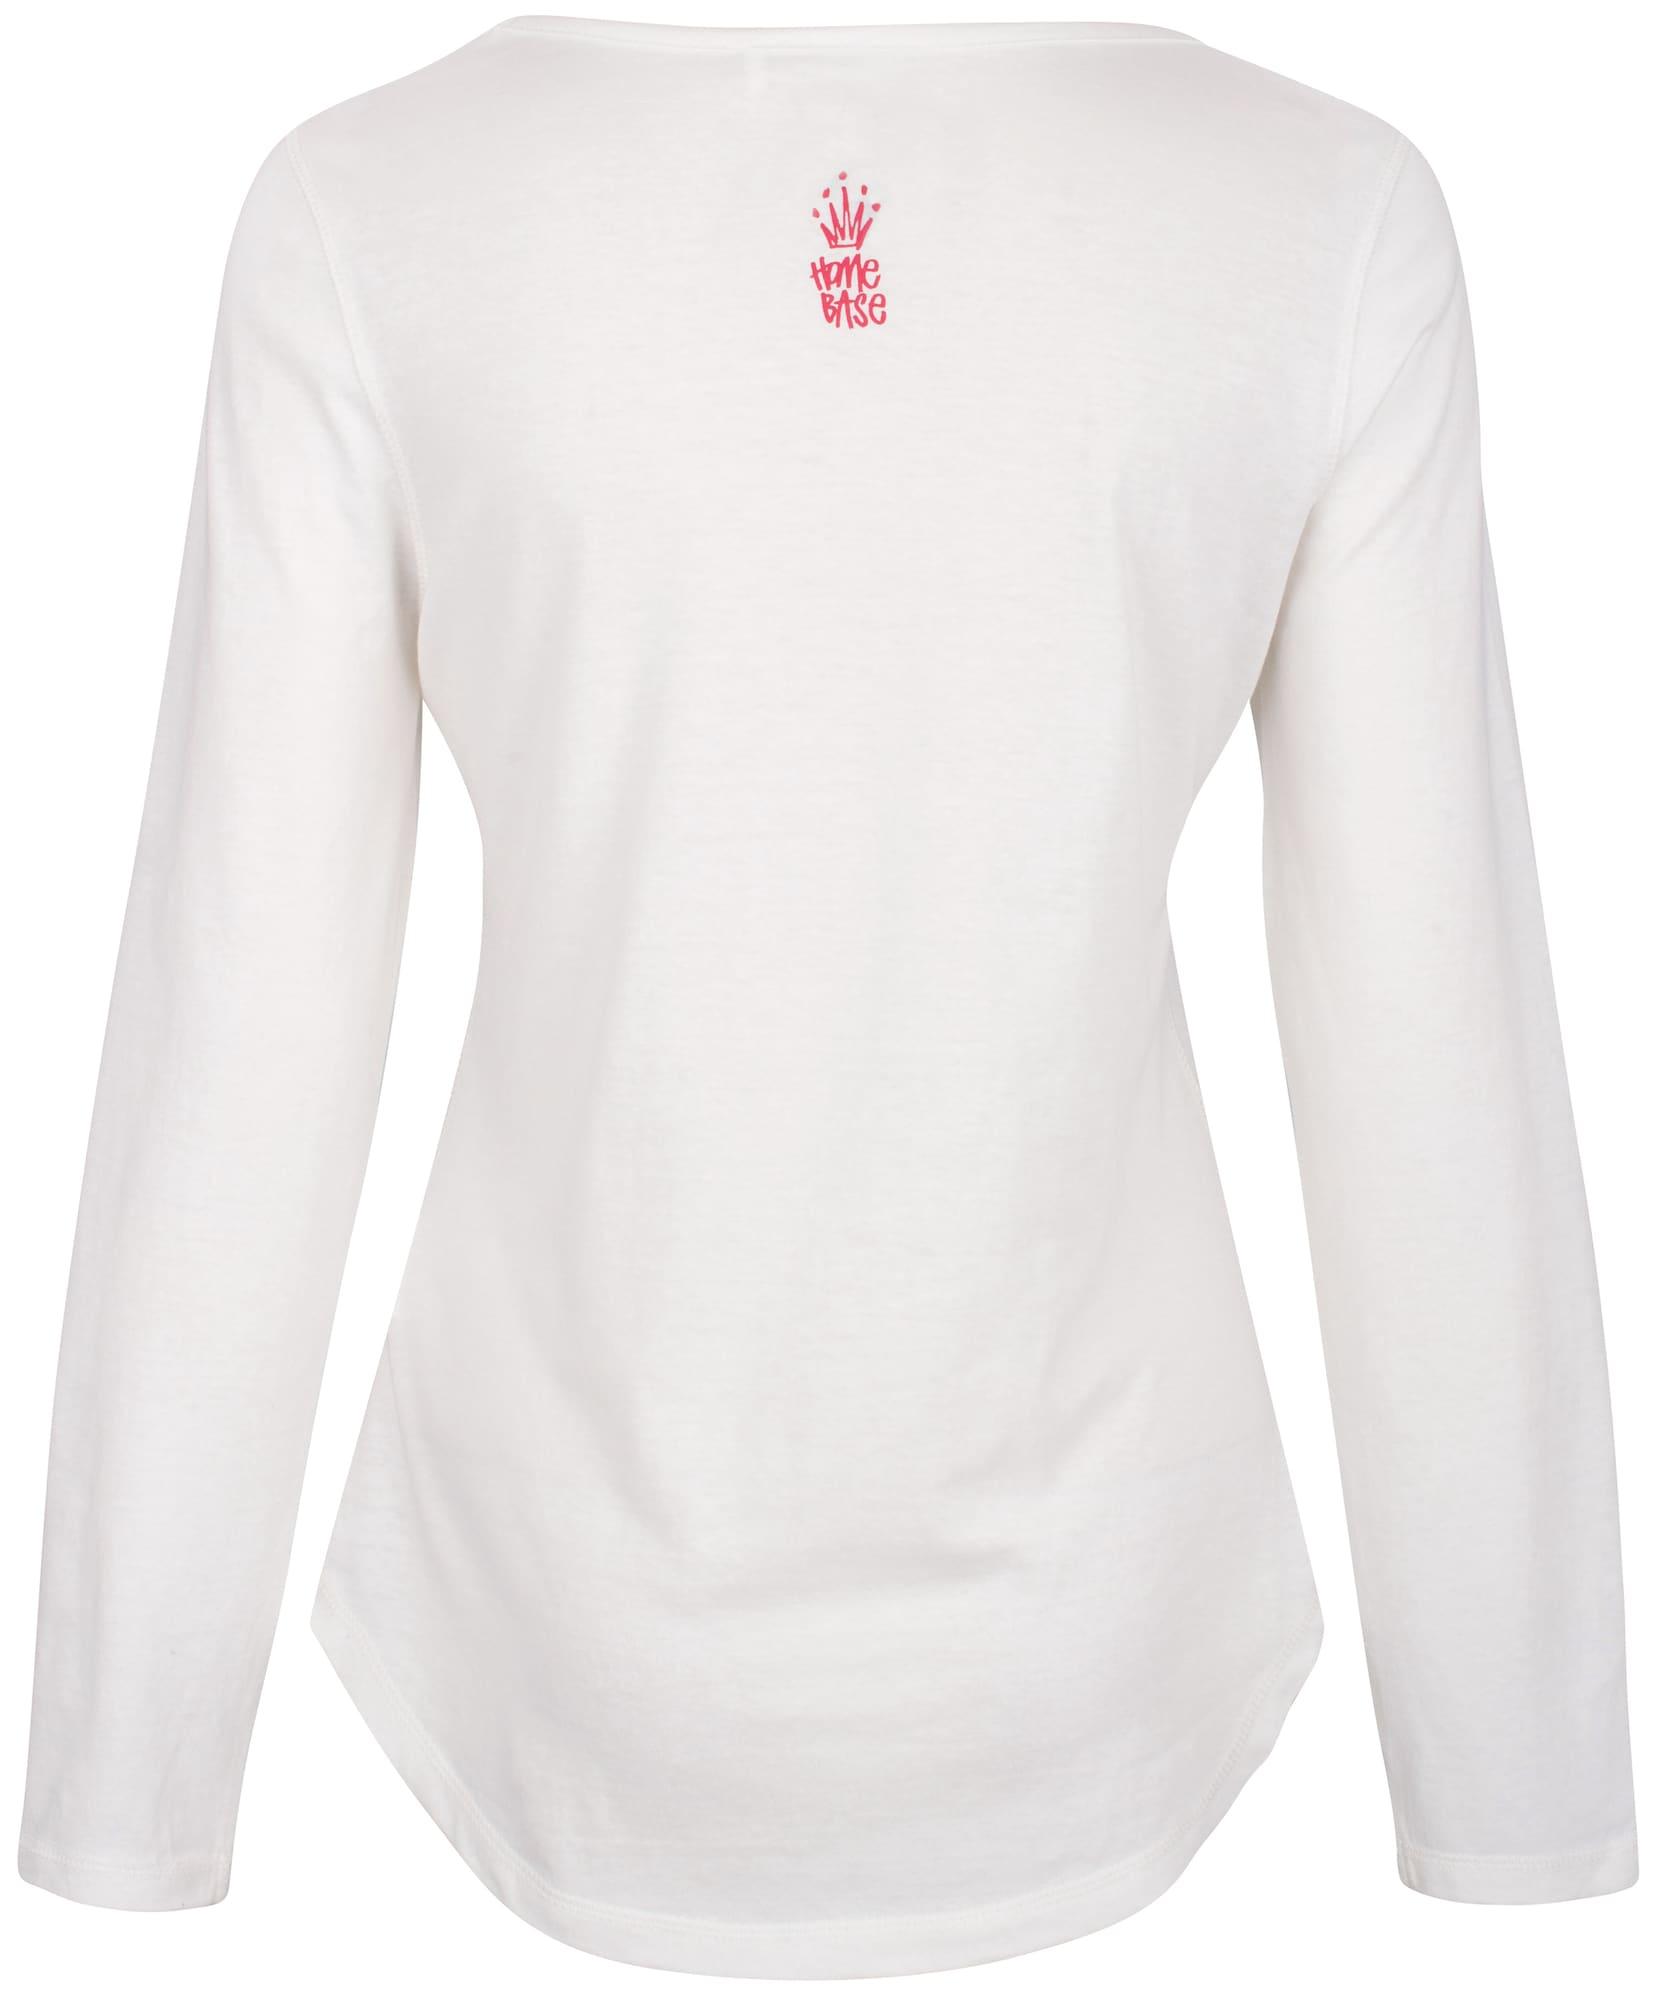 HOMEBASE, Damen Shirt Brandalised by Homebase, wit